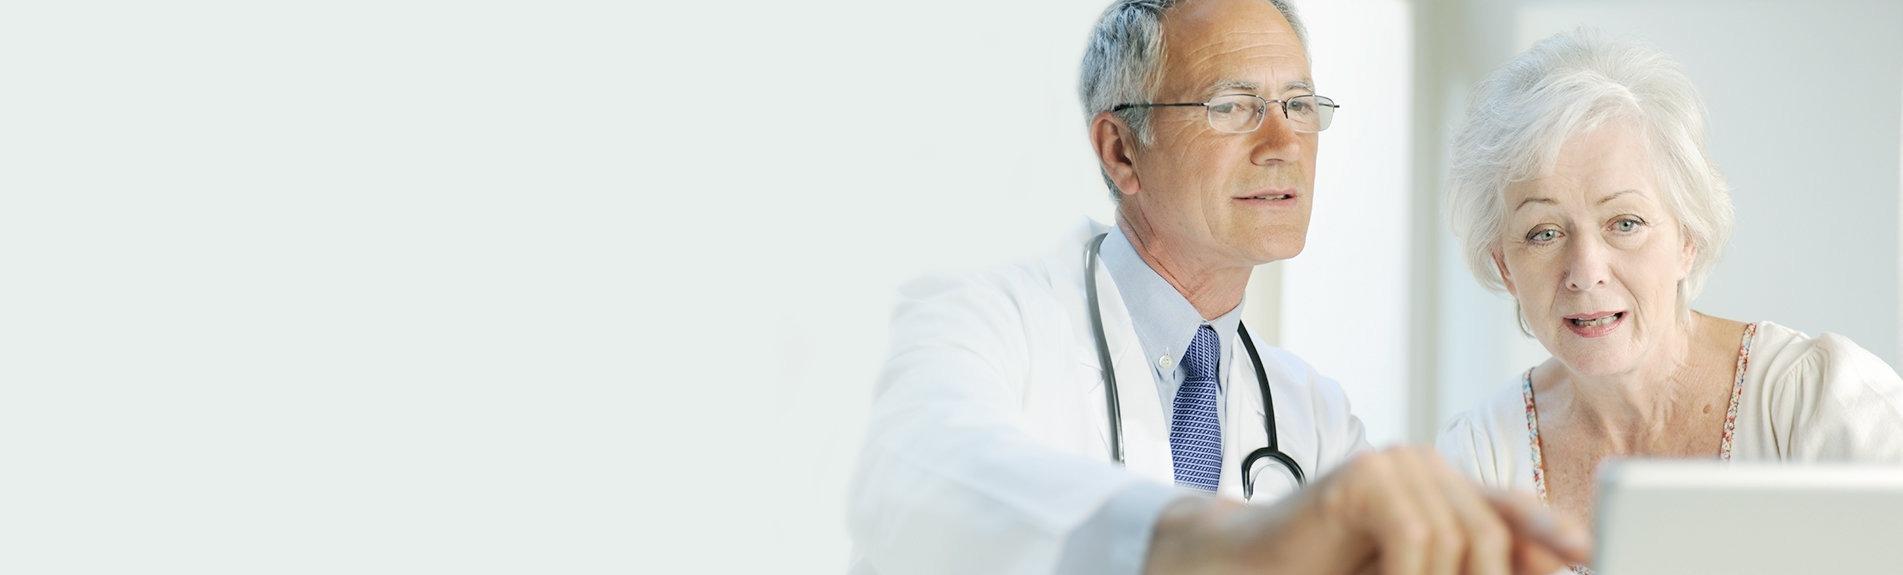 Лечение заболеваний толстого кишечника